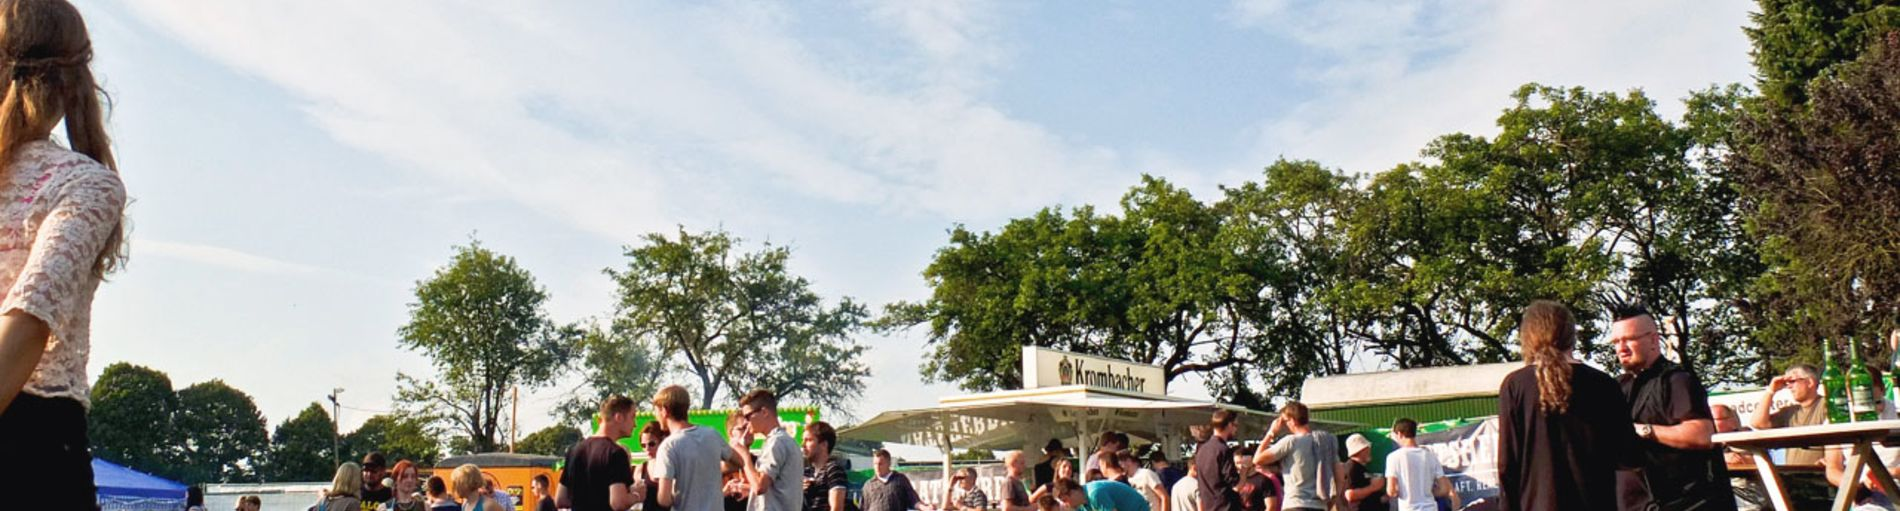 Die Festivalbesucher sitzen auf der Wiese und lauschen der Musik. Einige stehen und unterhalten sich.